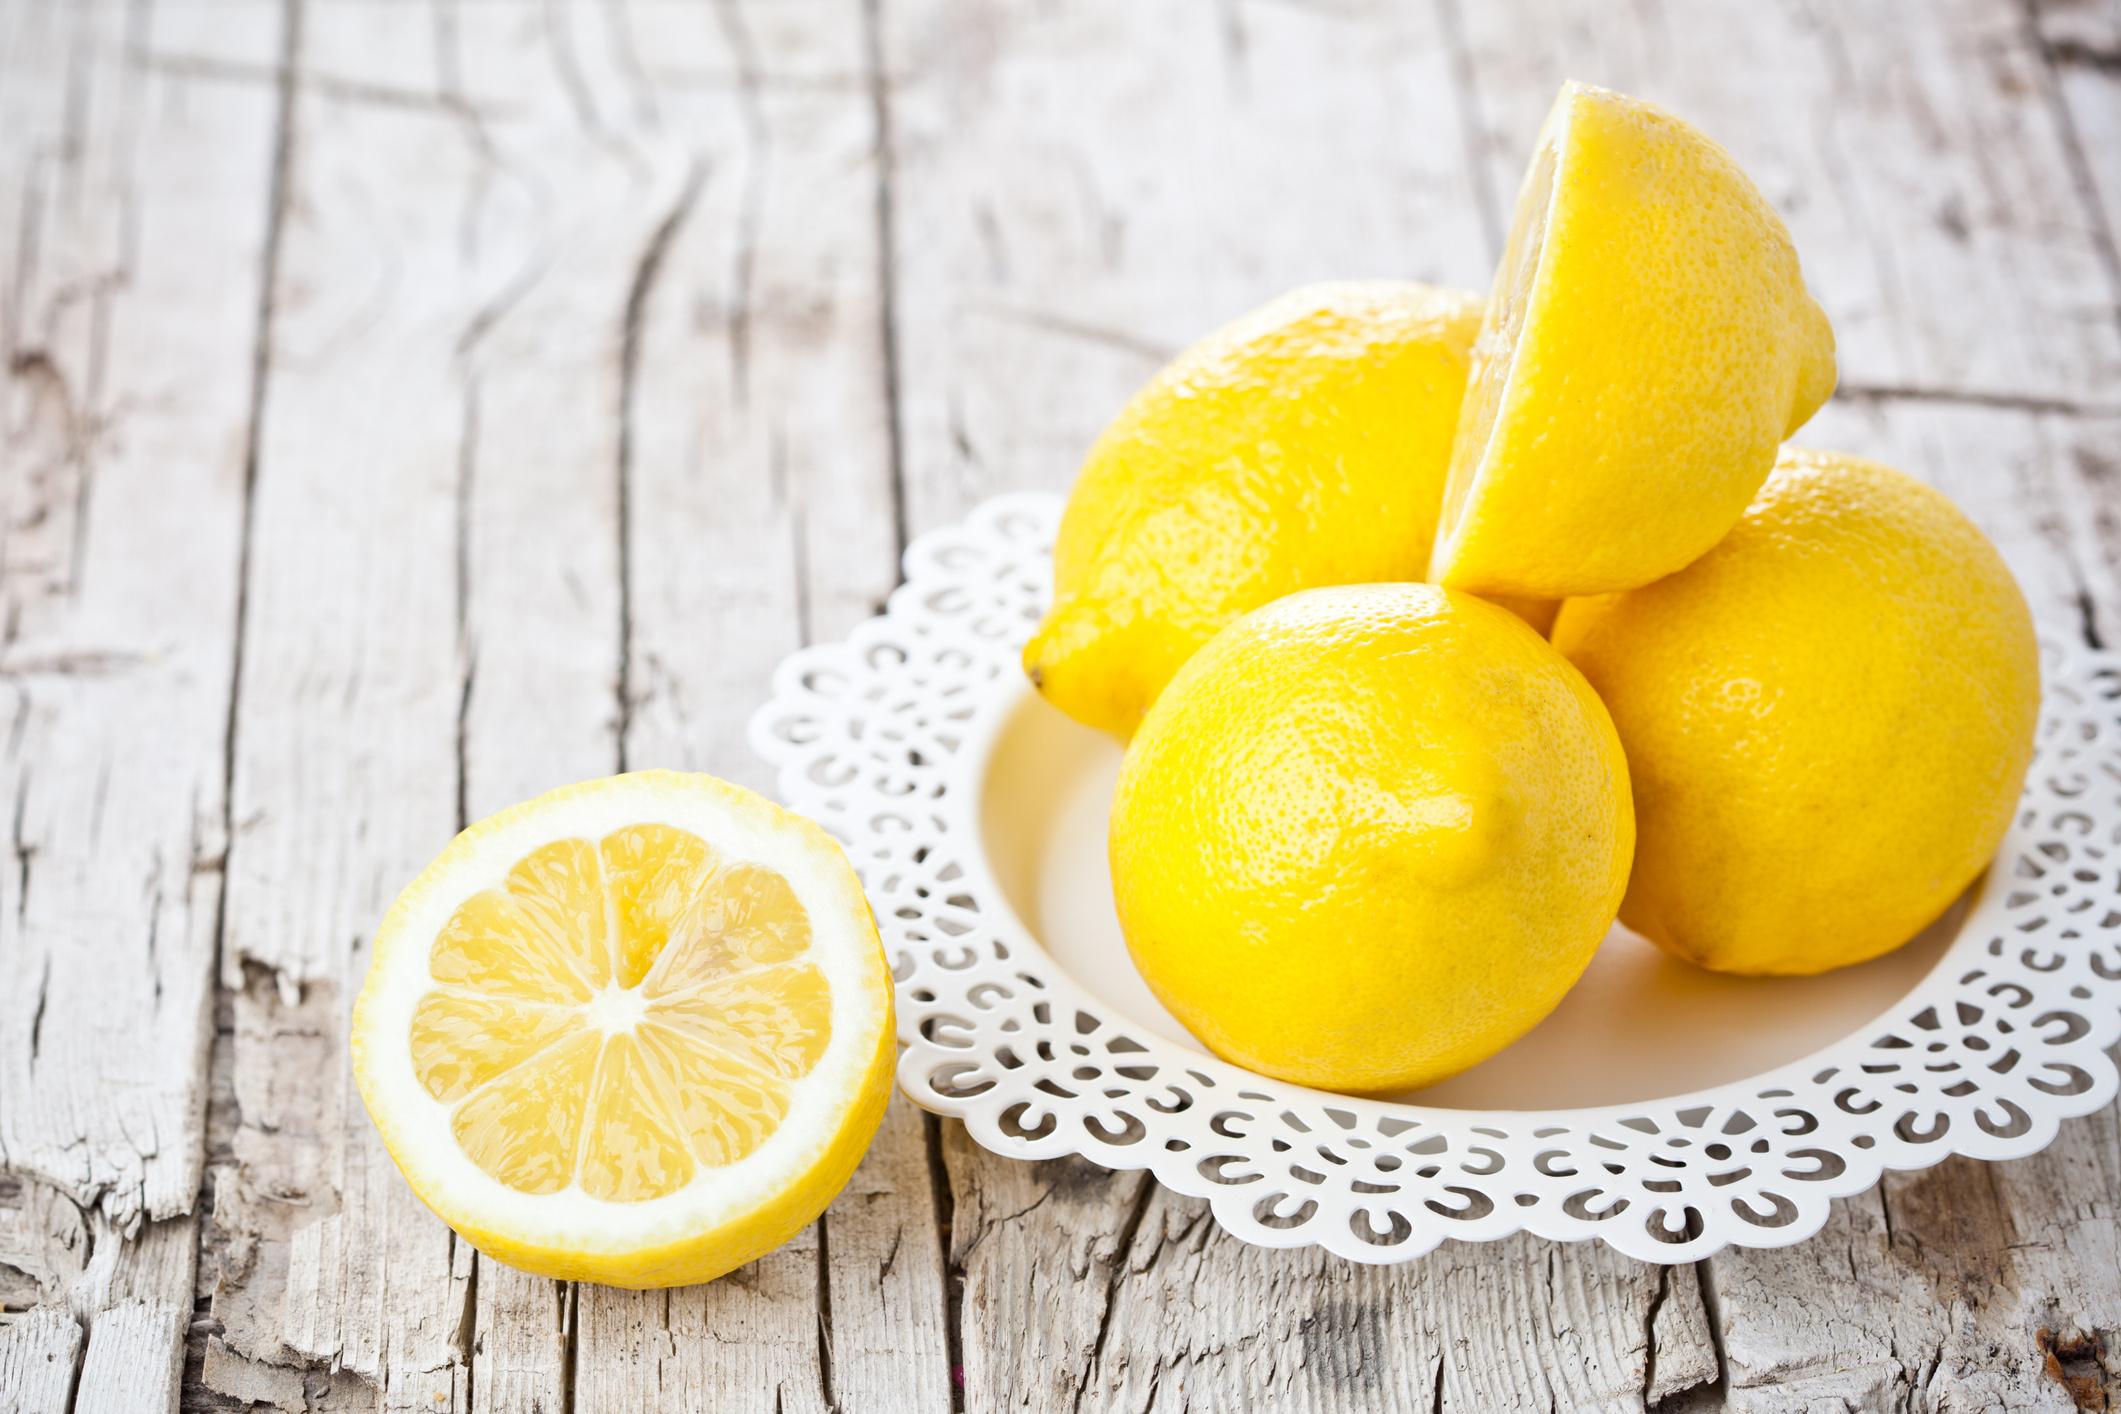 citrom az arcon lévő vörös foltok ellen